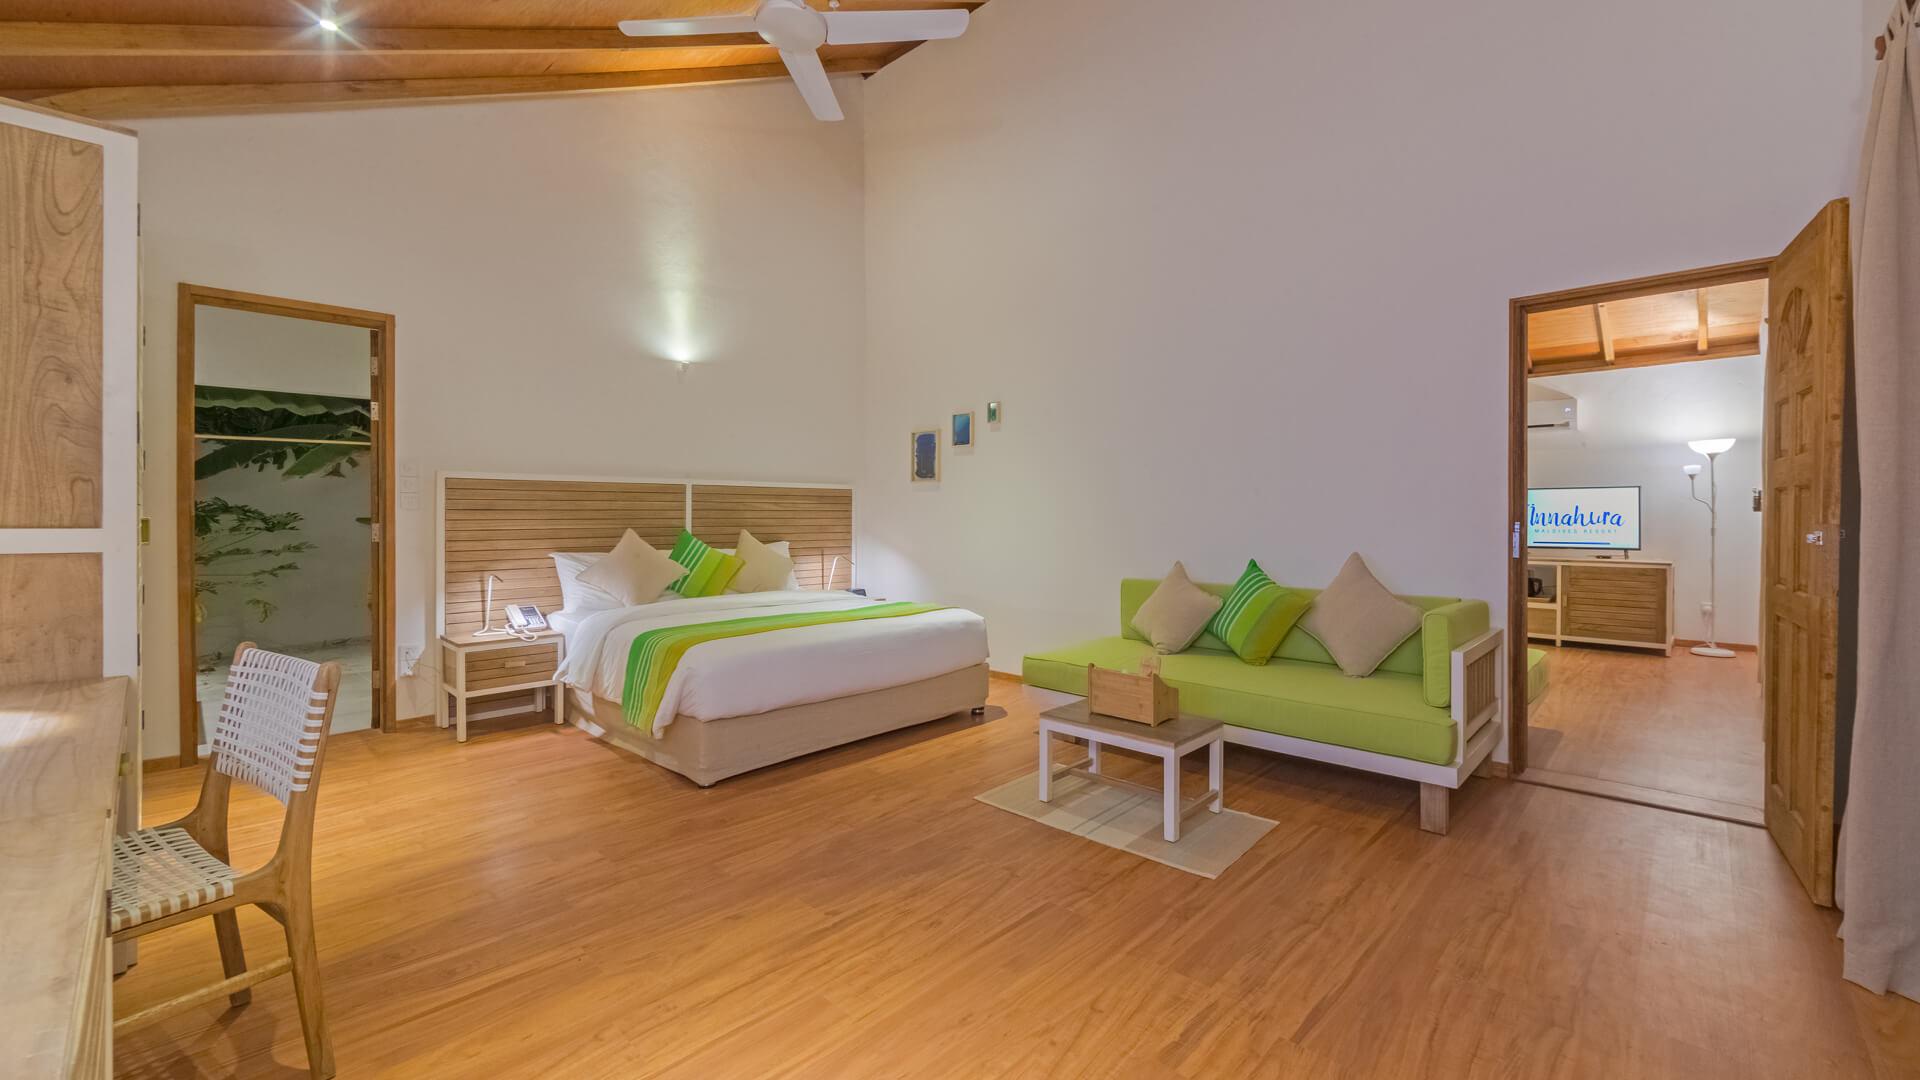 Innahura Maldives Resort 3* - Foto degli interni di una camera